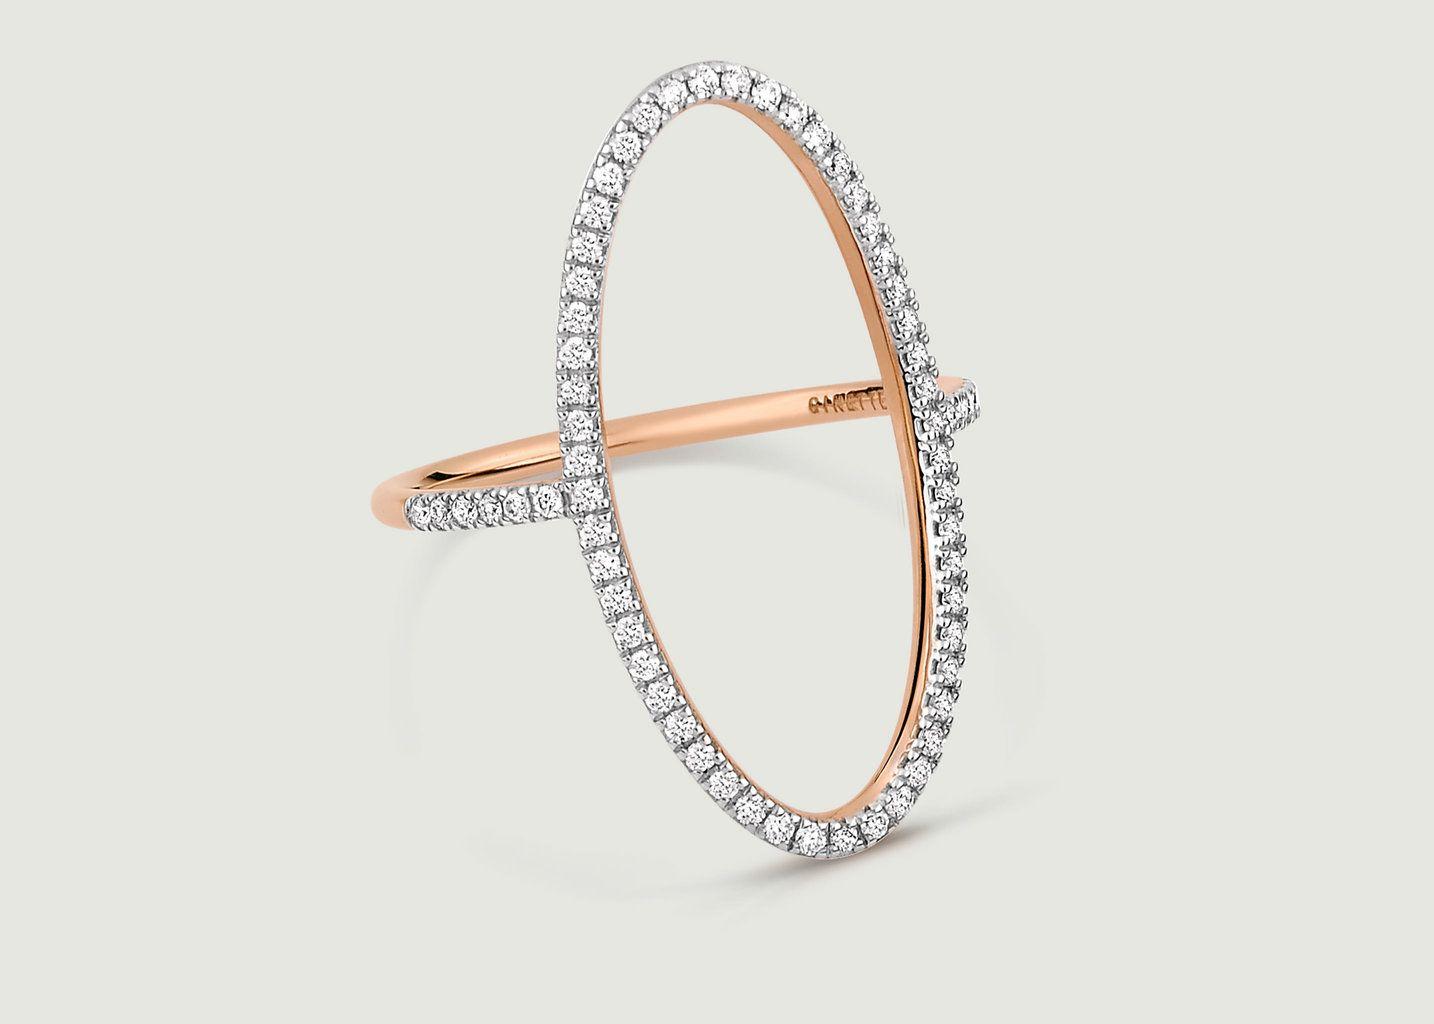 Bague Ellipse Diamant - Ginette NY